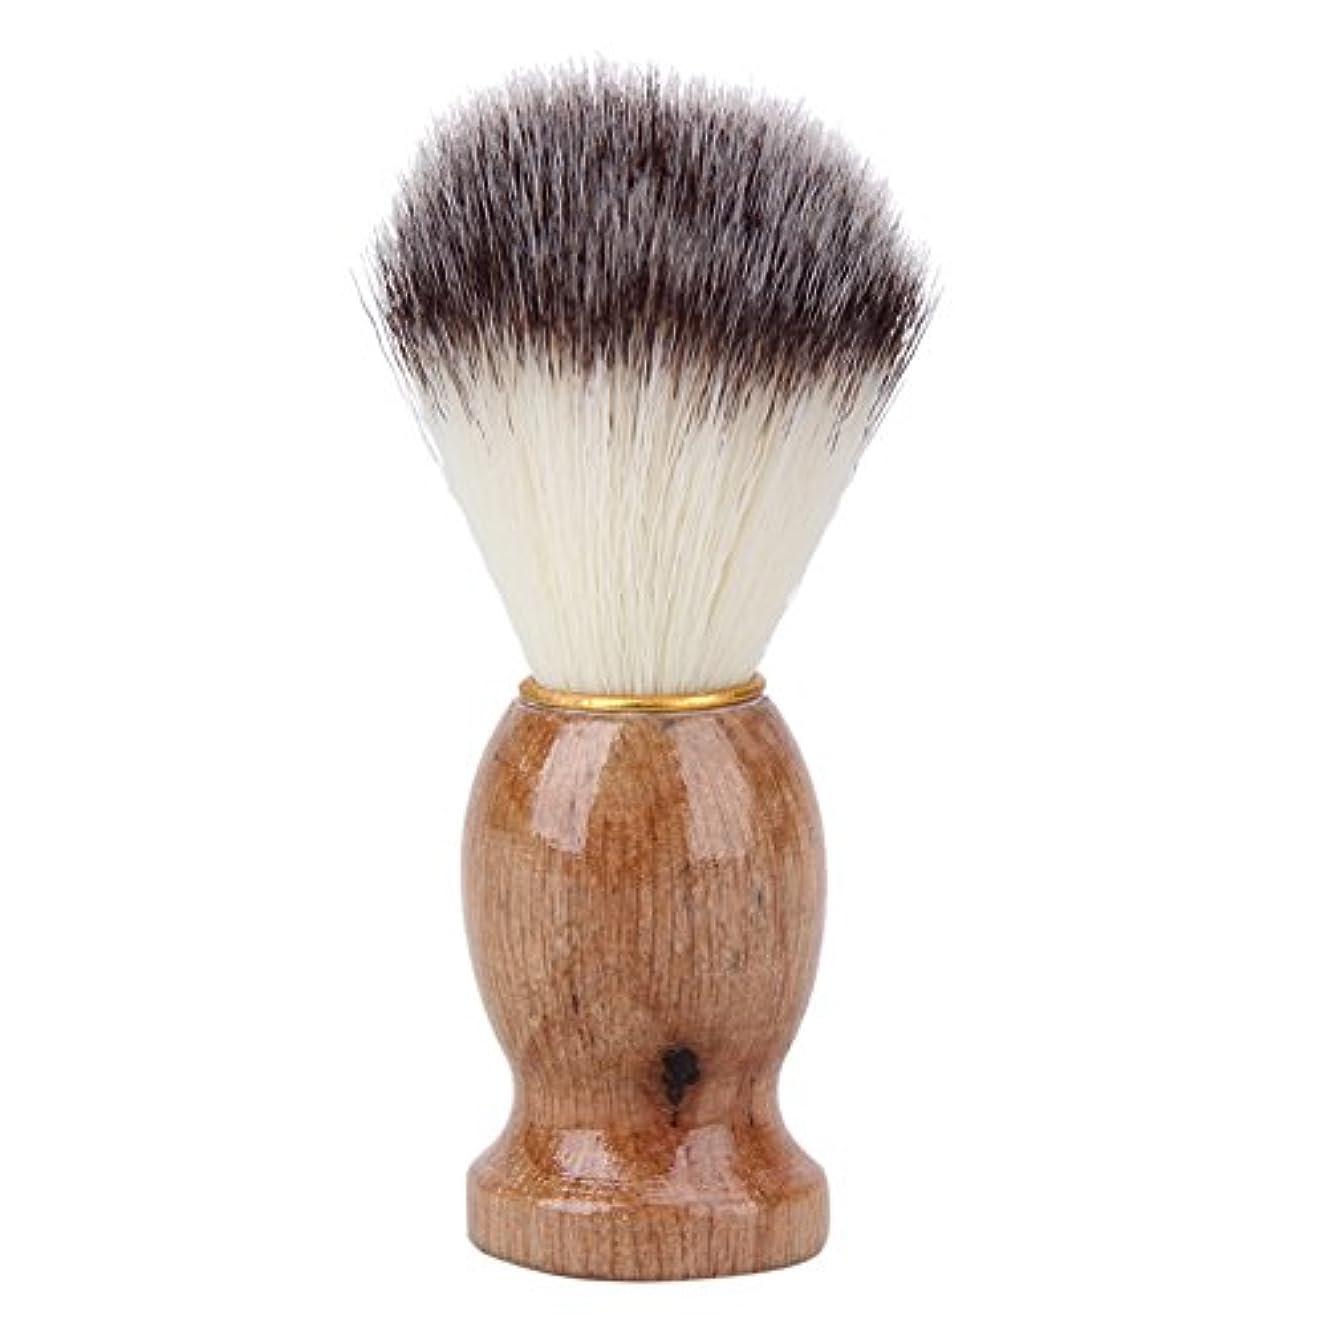 蜜適応的アーチゴールデンサークル、男性、ひげブラシ、シェービングブラシ、美容ツール